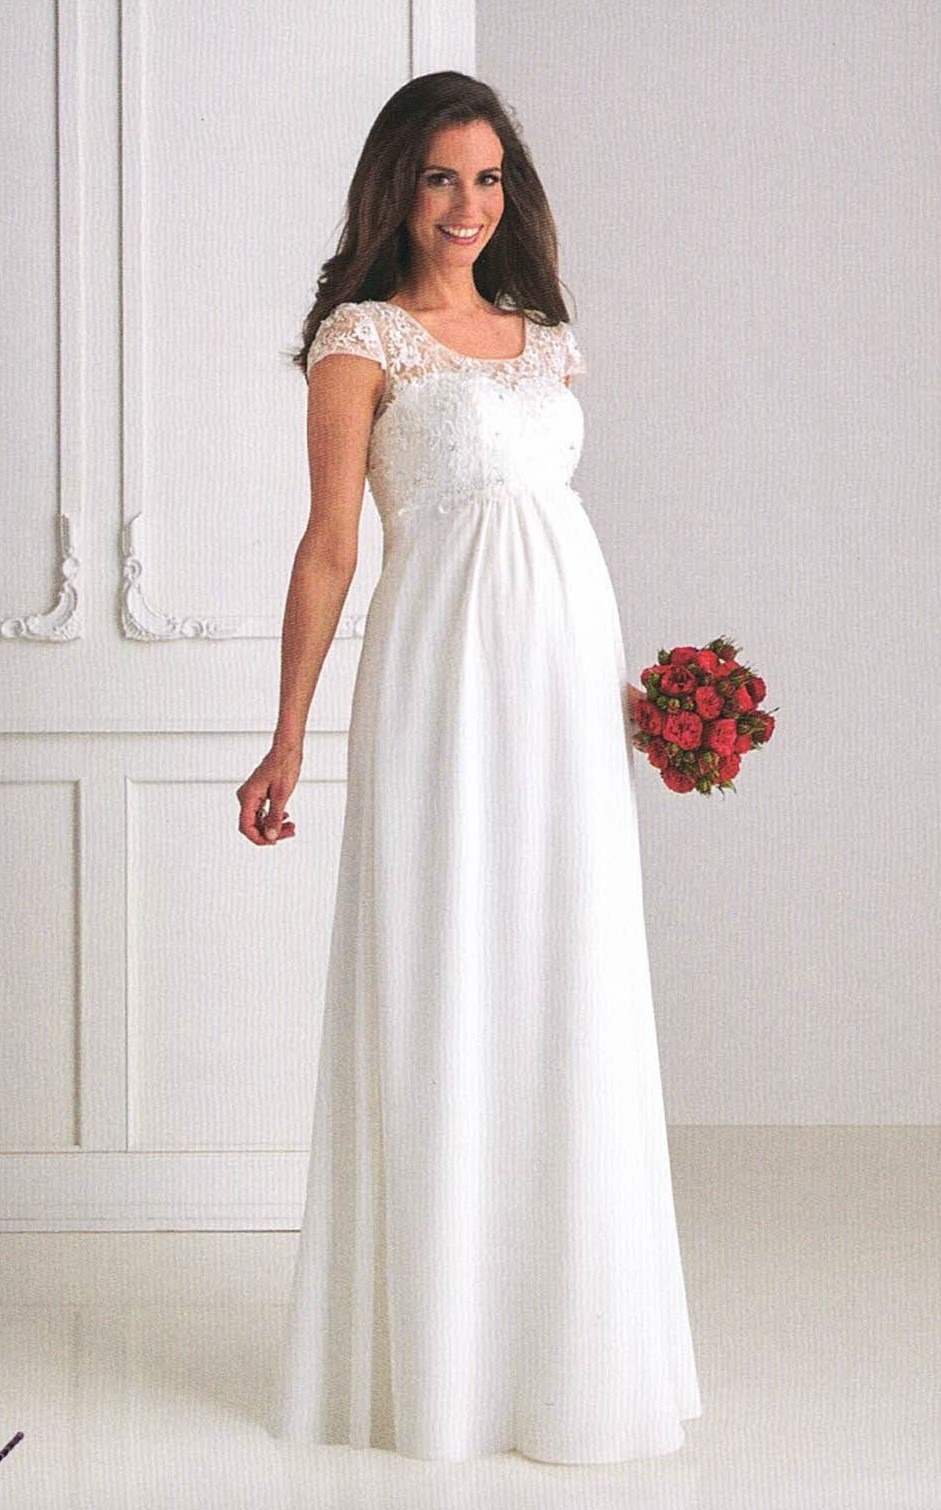 Brautkleider Hochzeitskleider Mode für schwangere langes Kleid mit Spitze und kleiner Ärmel runder Halsauschnitt